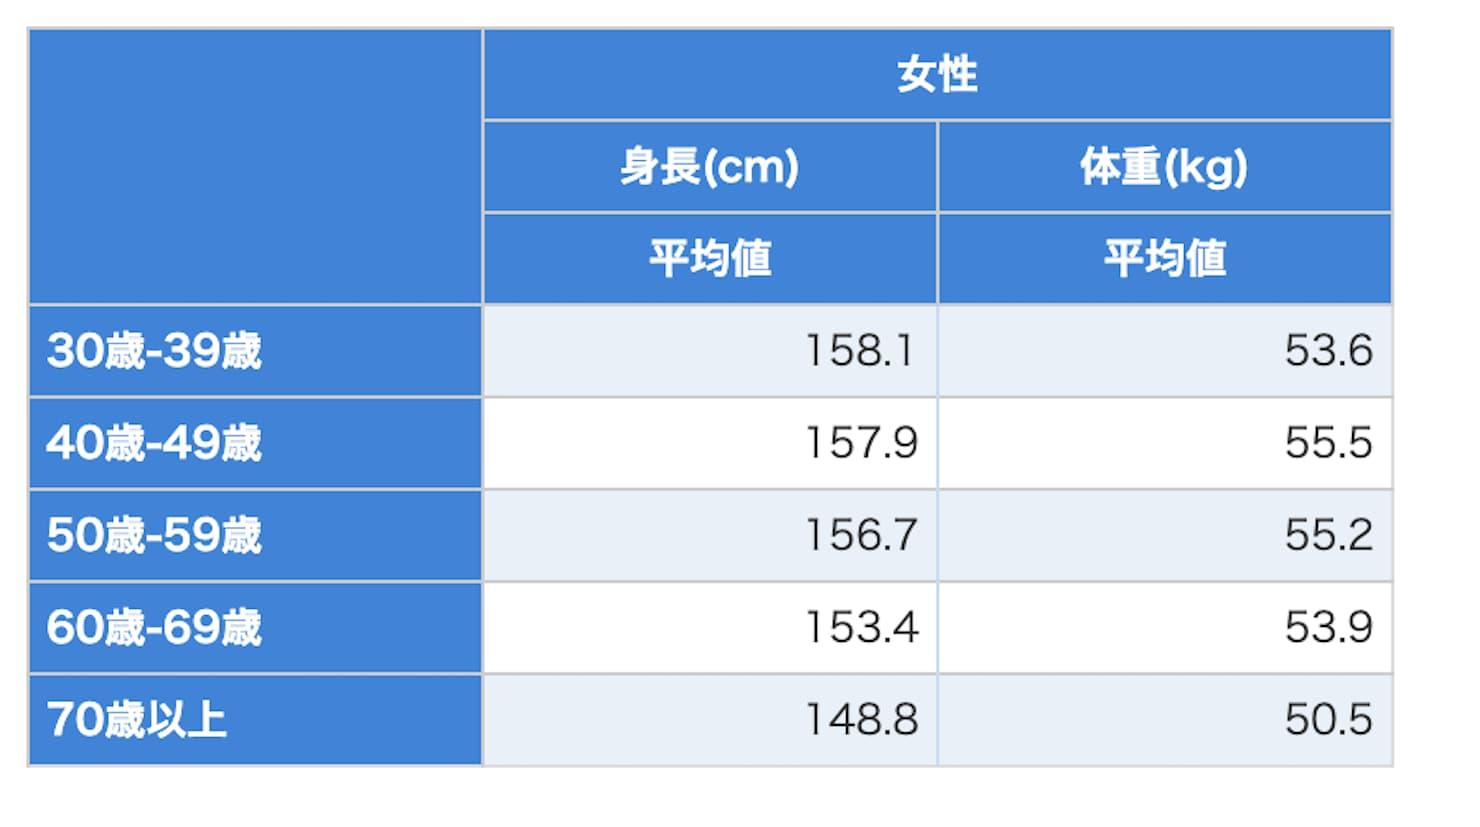 女性の年代別体重と身長の平均値